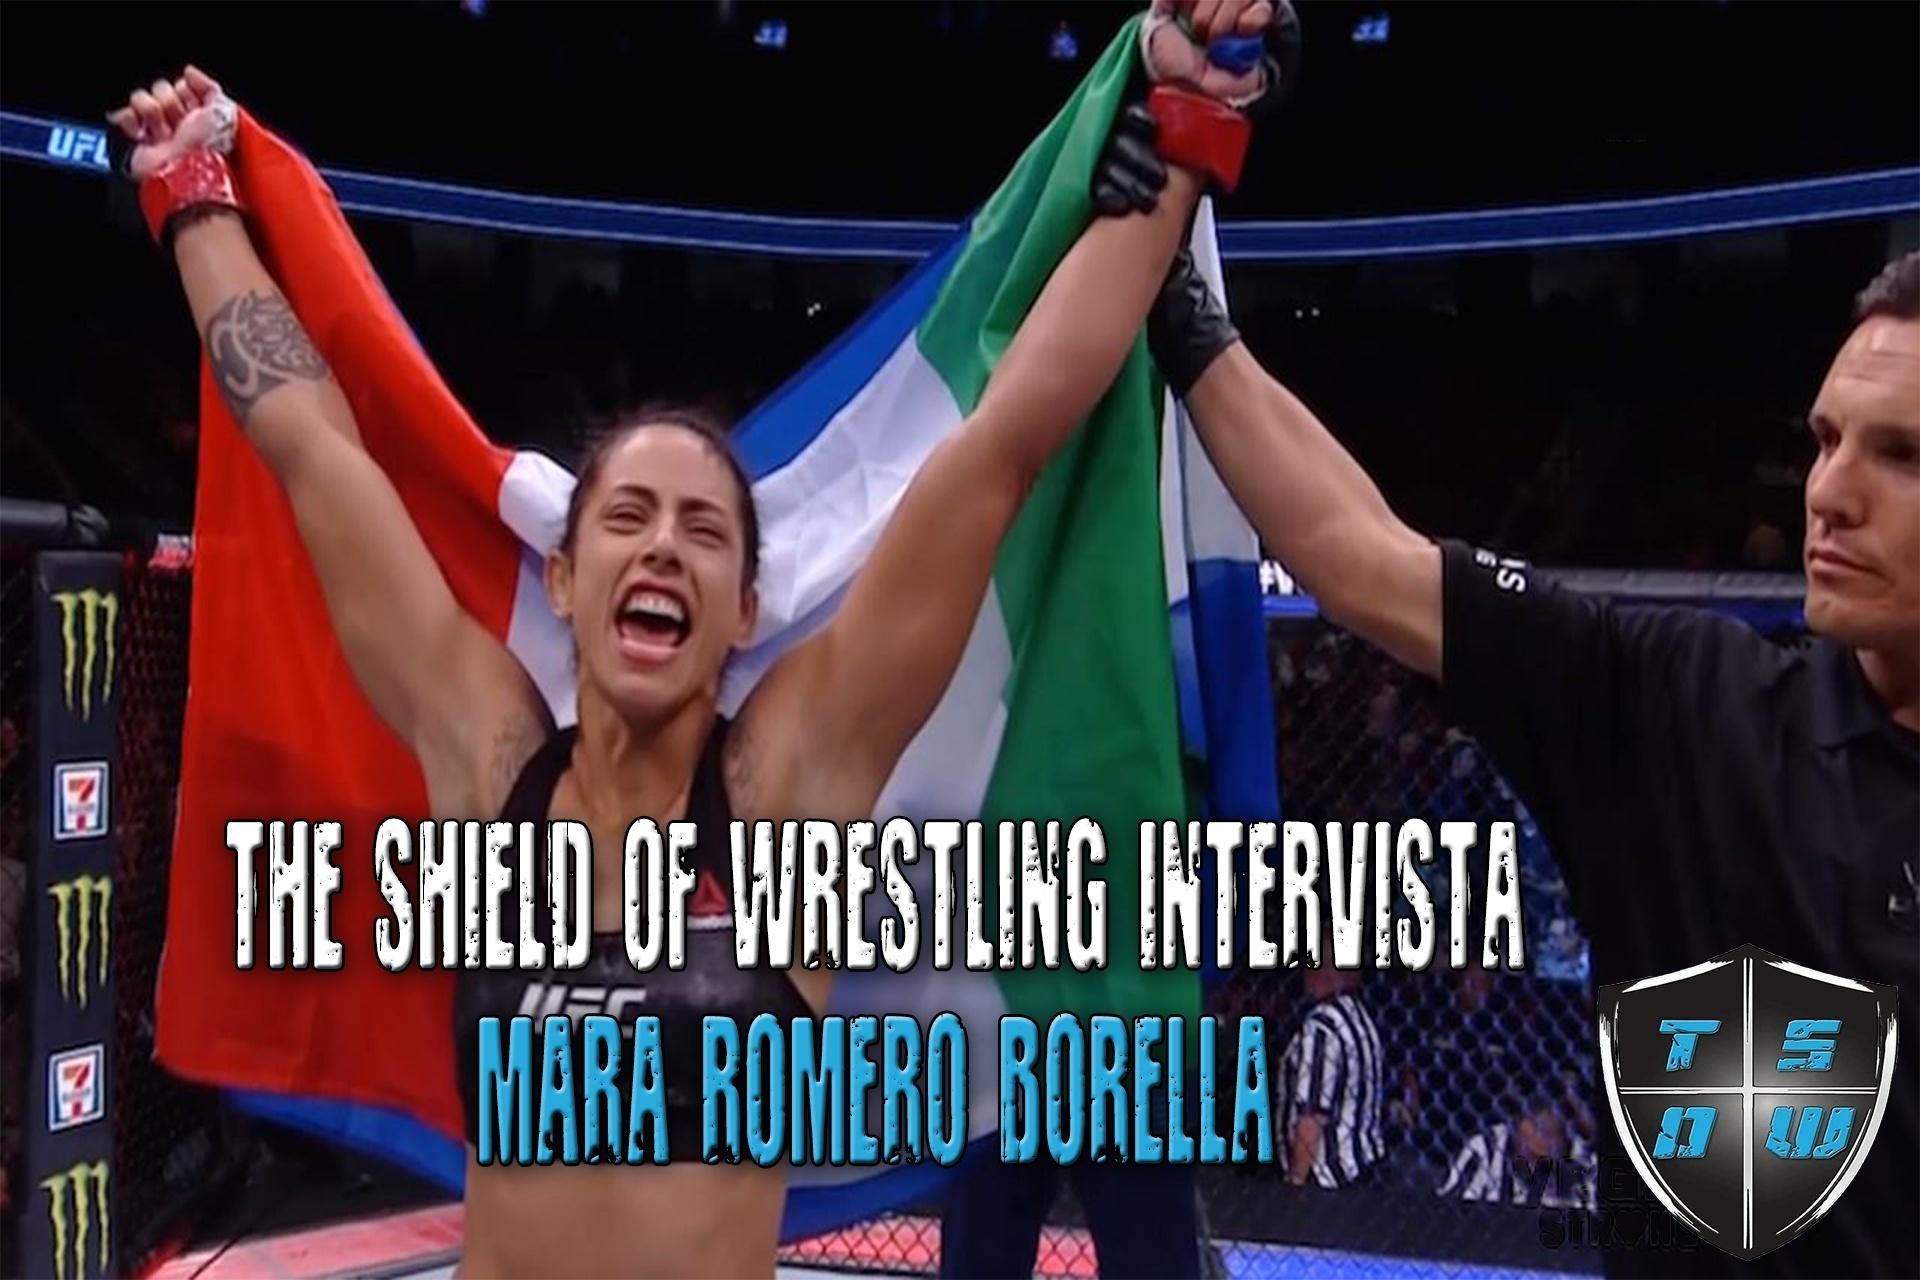 Intervista a Mara Romero Borella